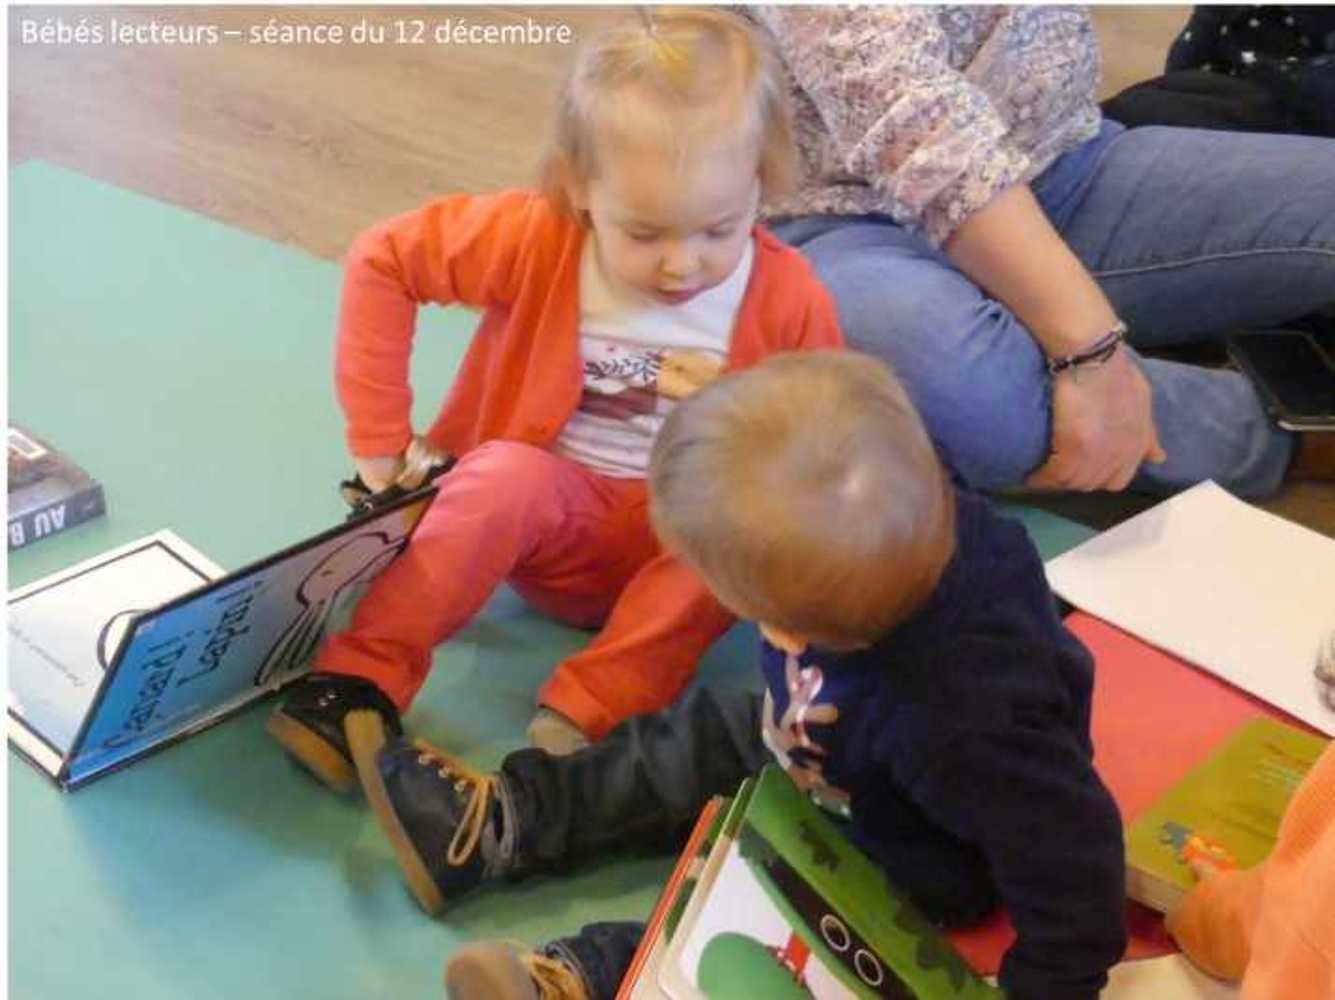 Photos et vidéo de la séance des bébés lecteurs du 12 décembre image6